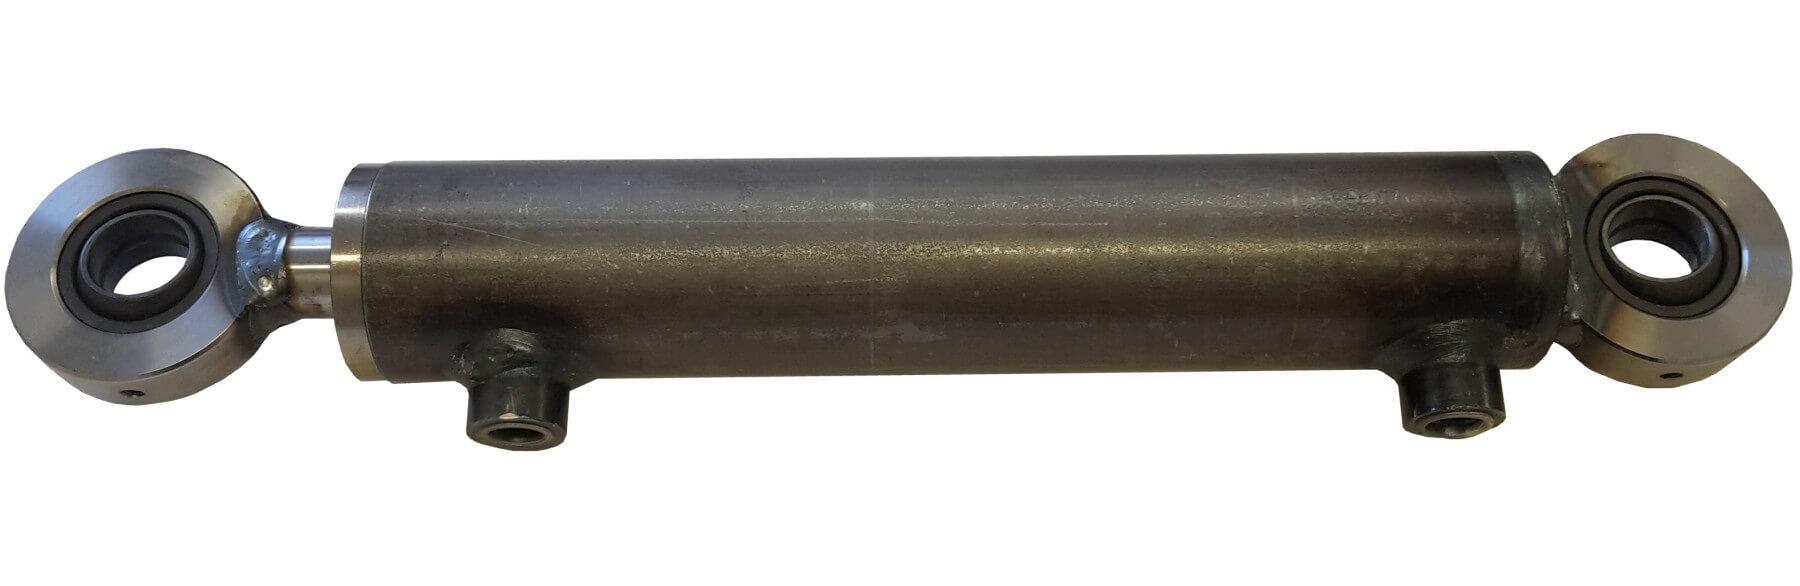 Hydraulisylinteri CL 80. 50. 300 GE - Kailatec Oy Verkkokauppa